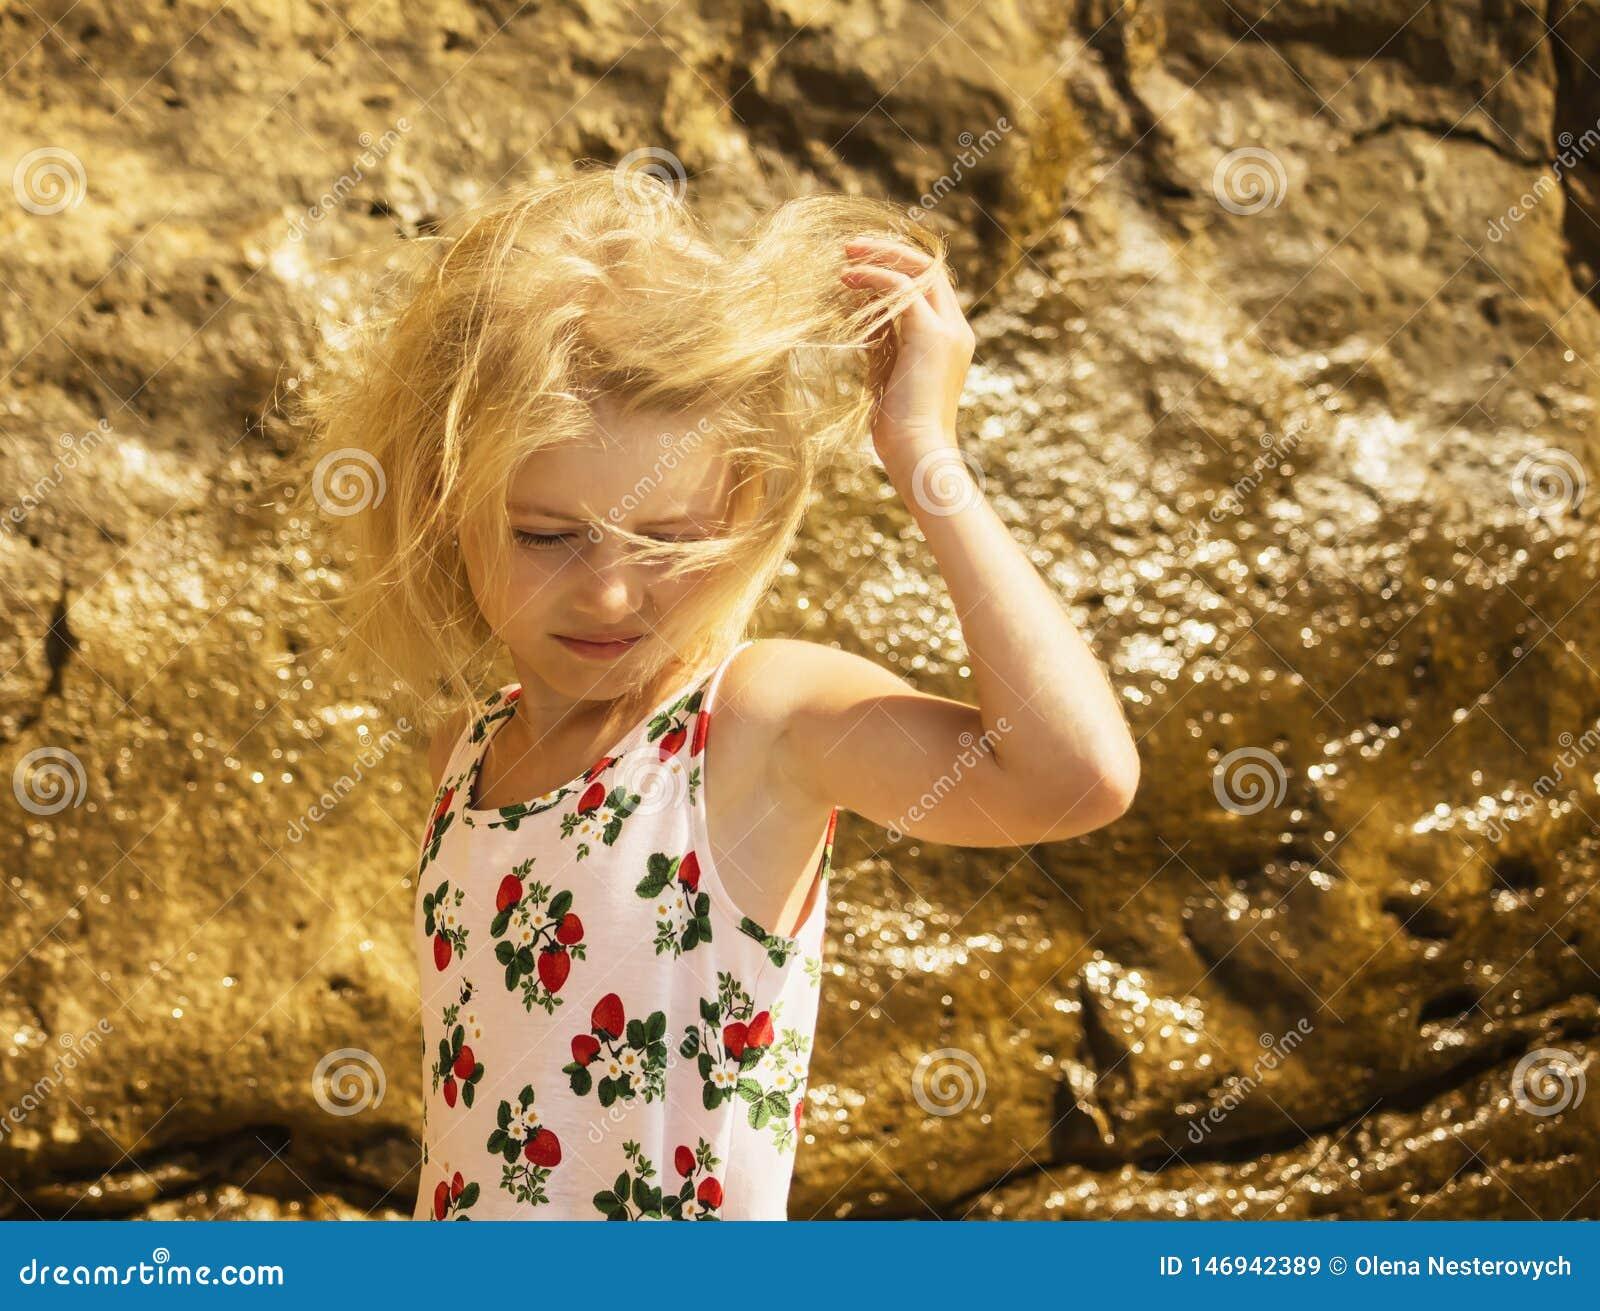 Wiatr bawić się włosy w blond dziewczynie na plaży